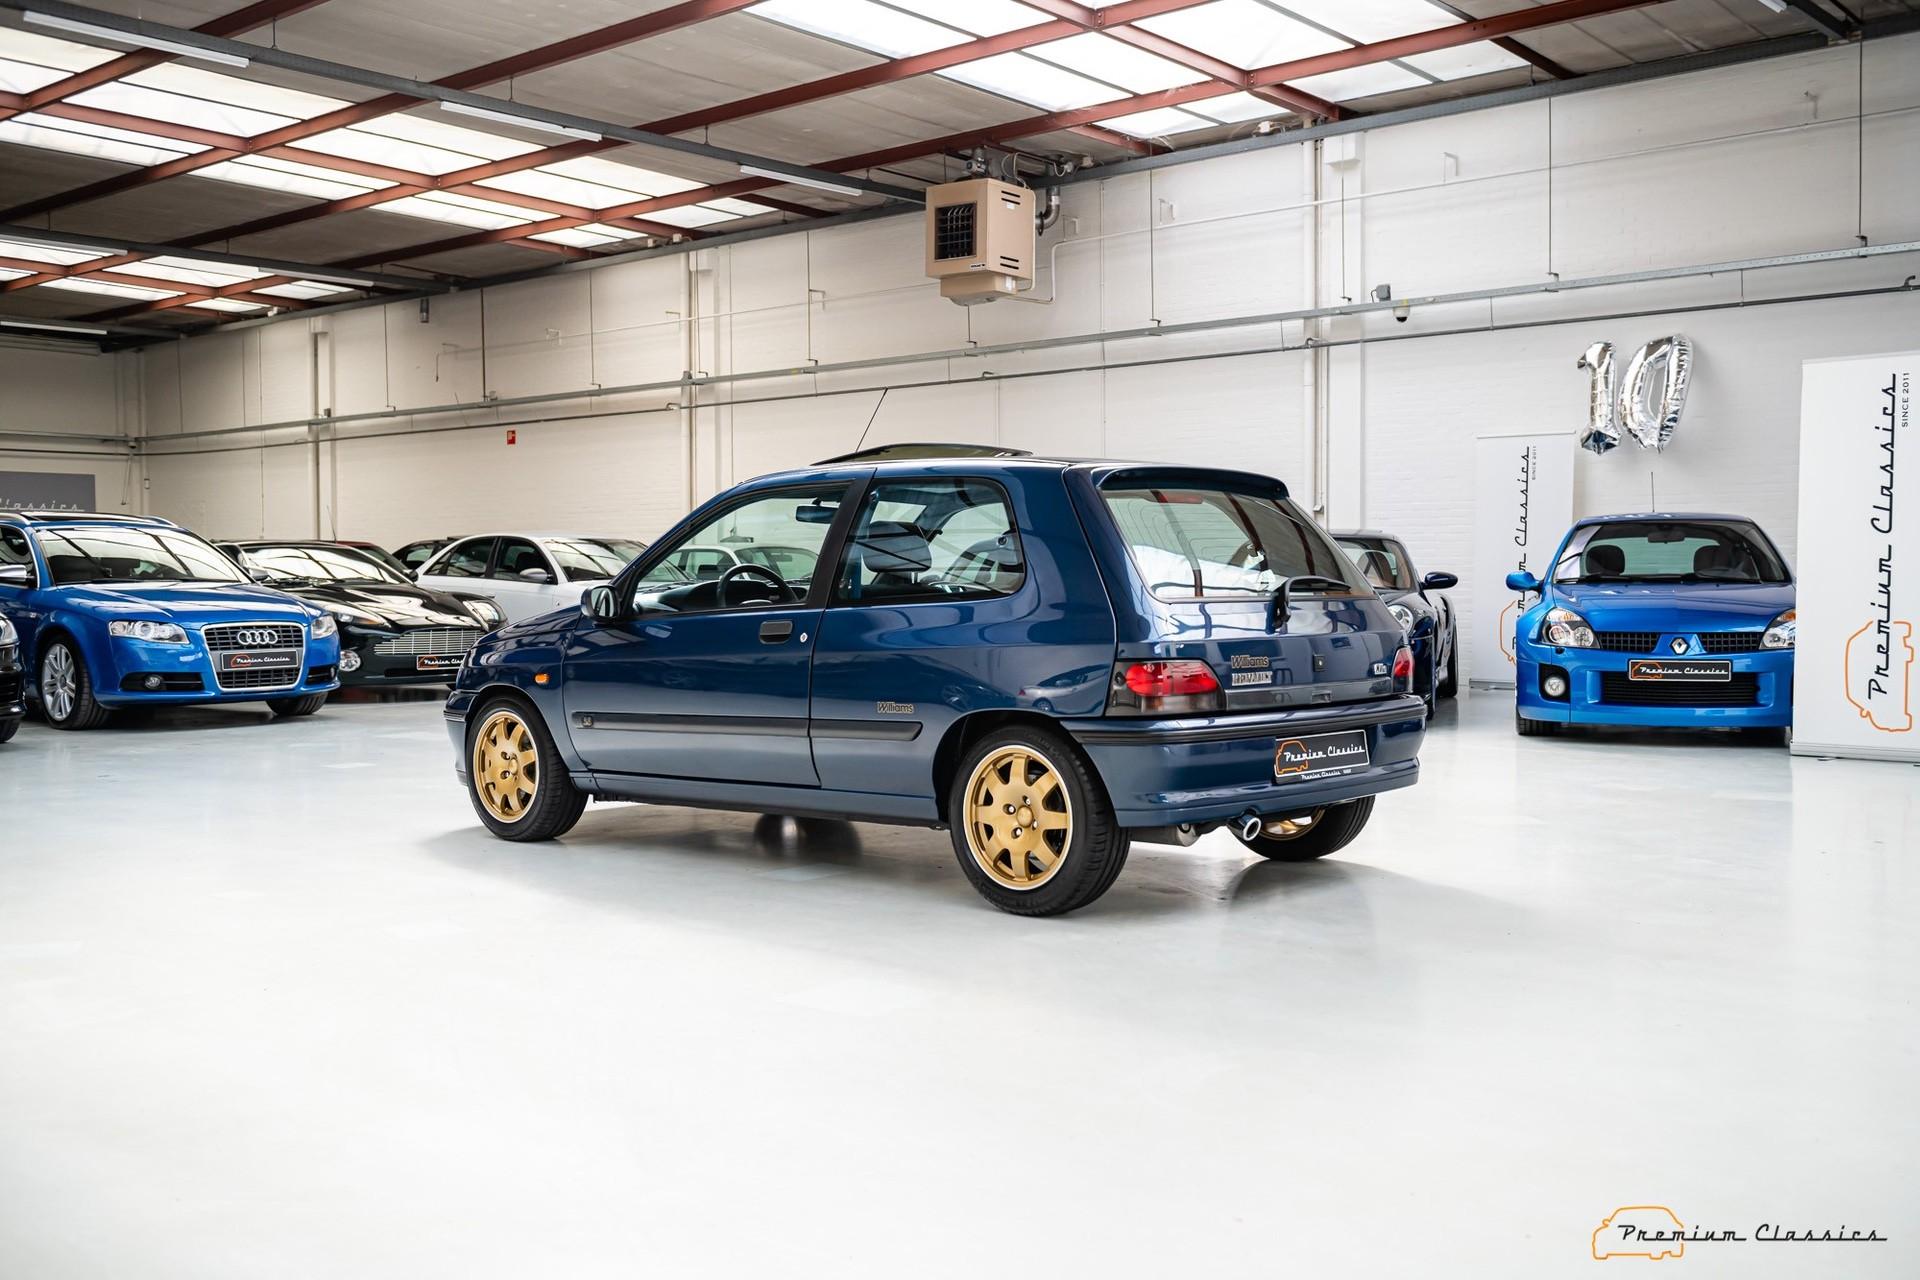 Renault_Clio_Williams_sale-0009